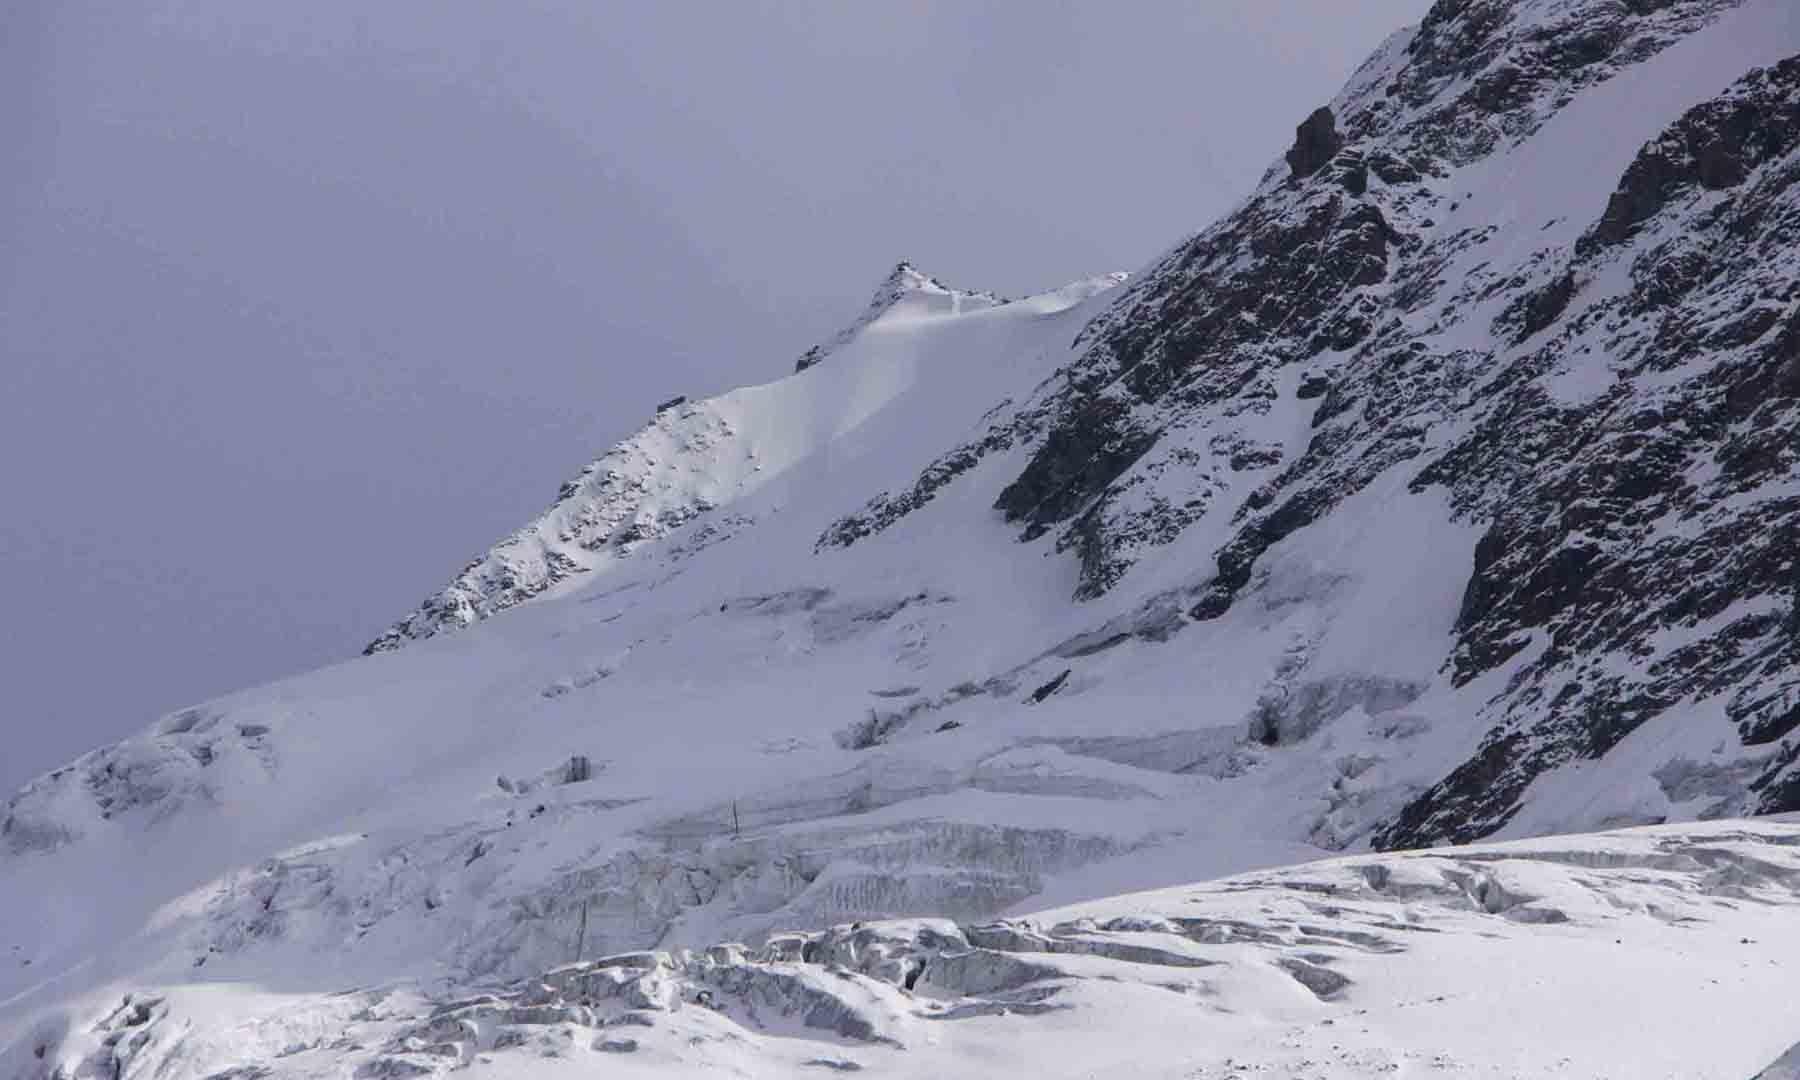 شمال کی طرف سے فلک سیر چوٹی کی لی جانے والی ایک نایاب تصویر—تصویر امجد علی سحاب